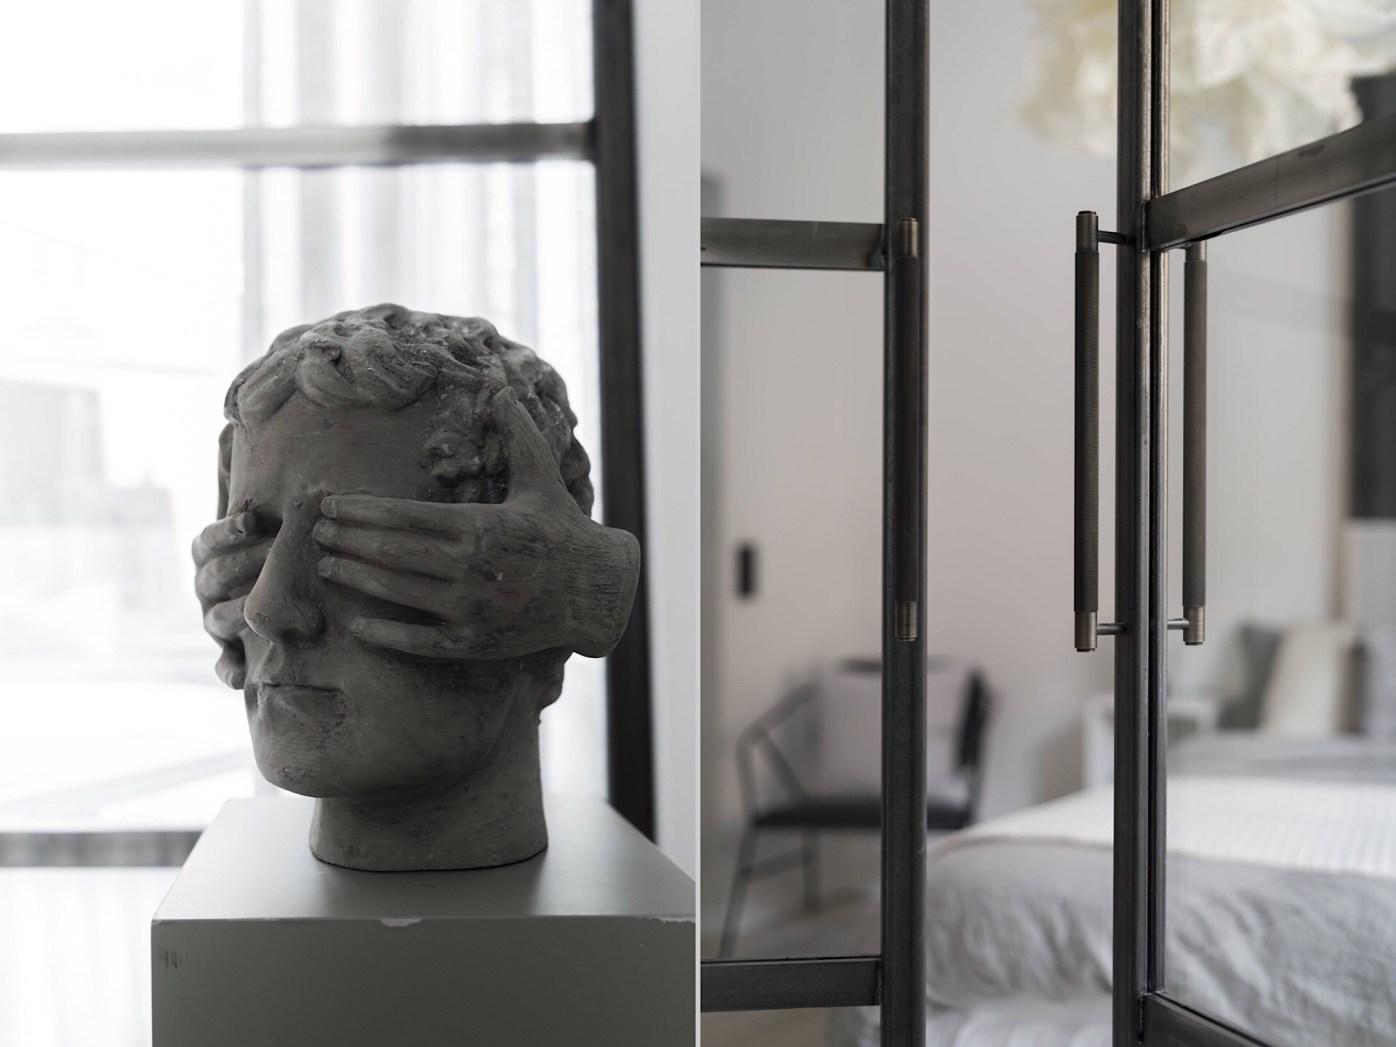 blind faith stone effect head